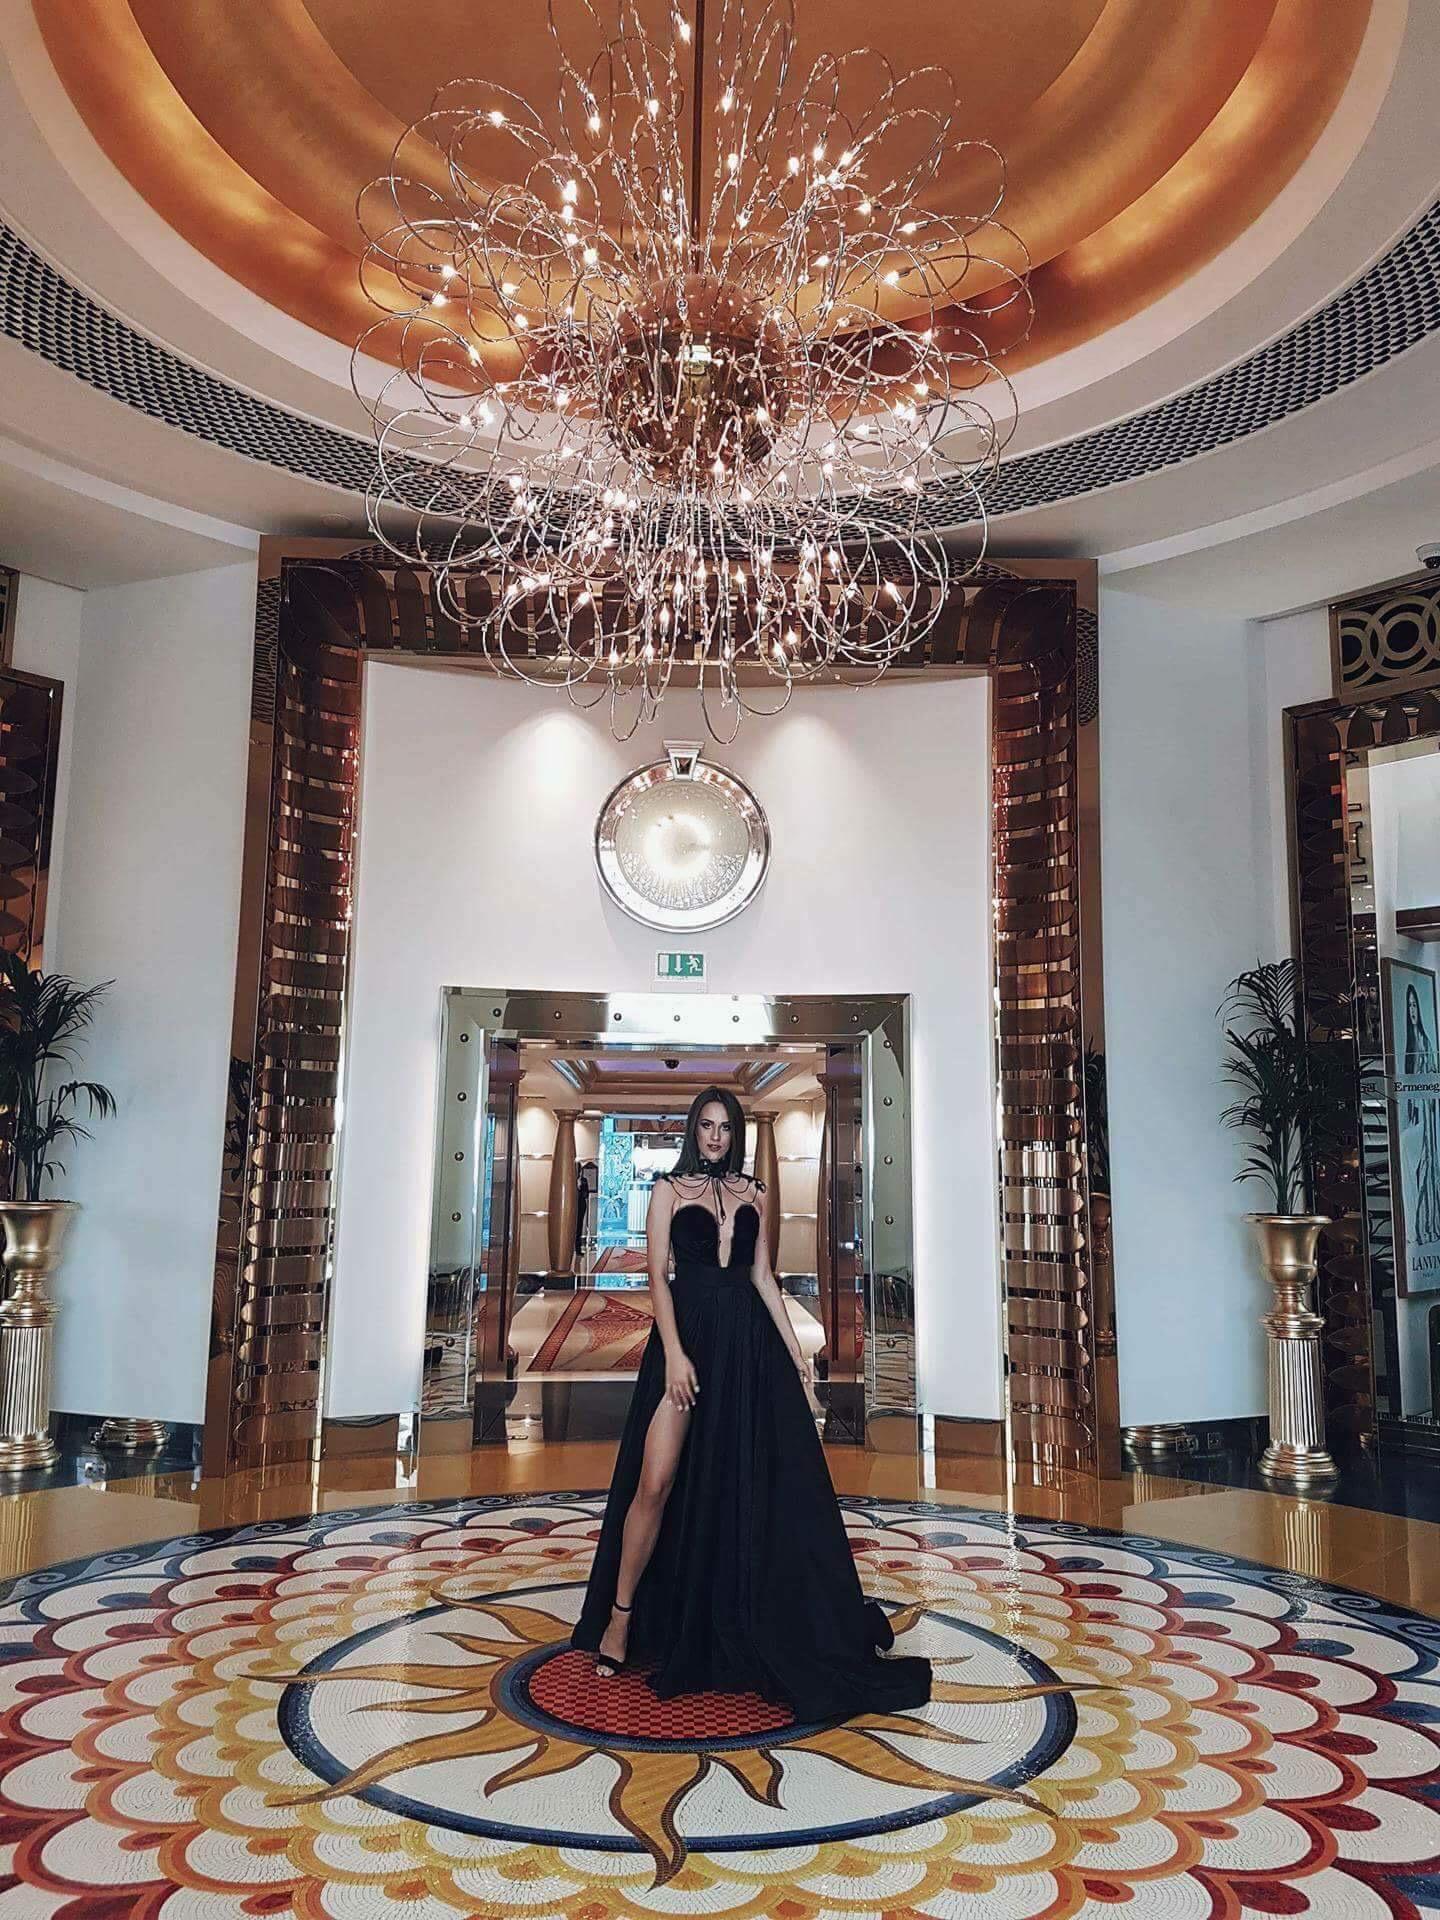 Христина Јанеска се врати со титула од Изборот на мис на светот во Кина (ФОТО)